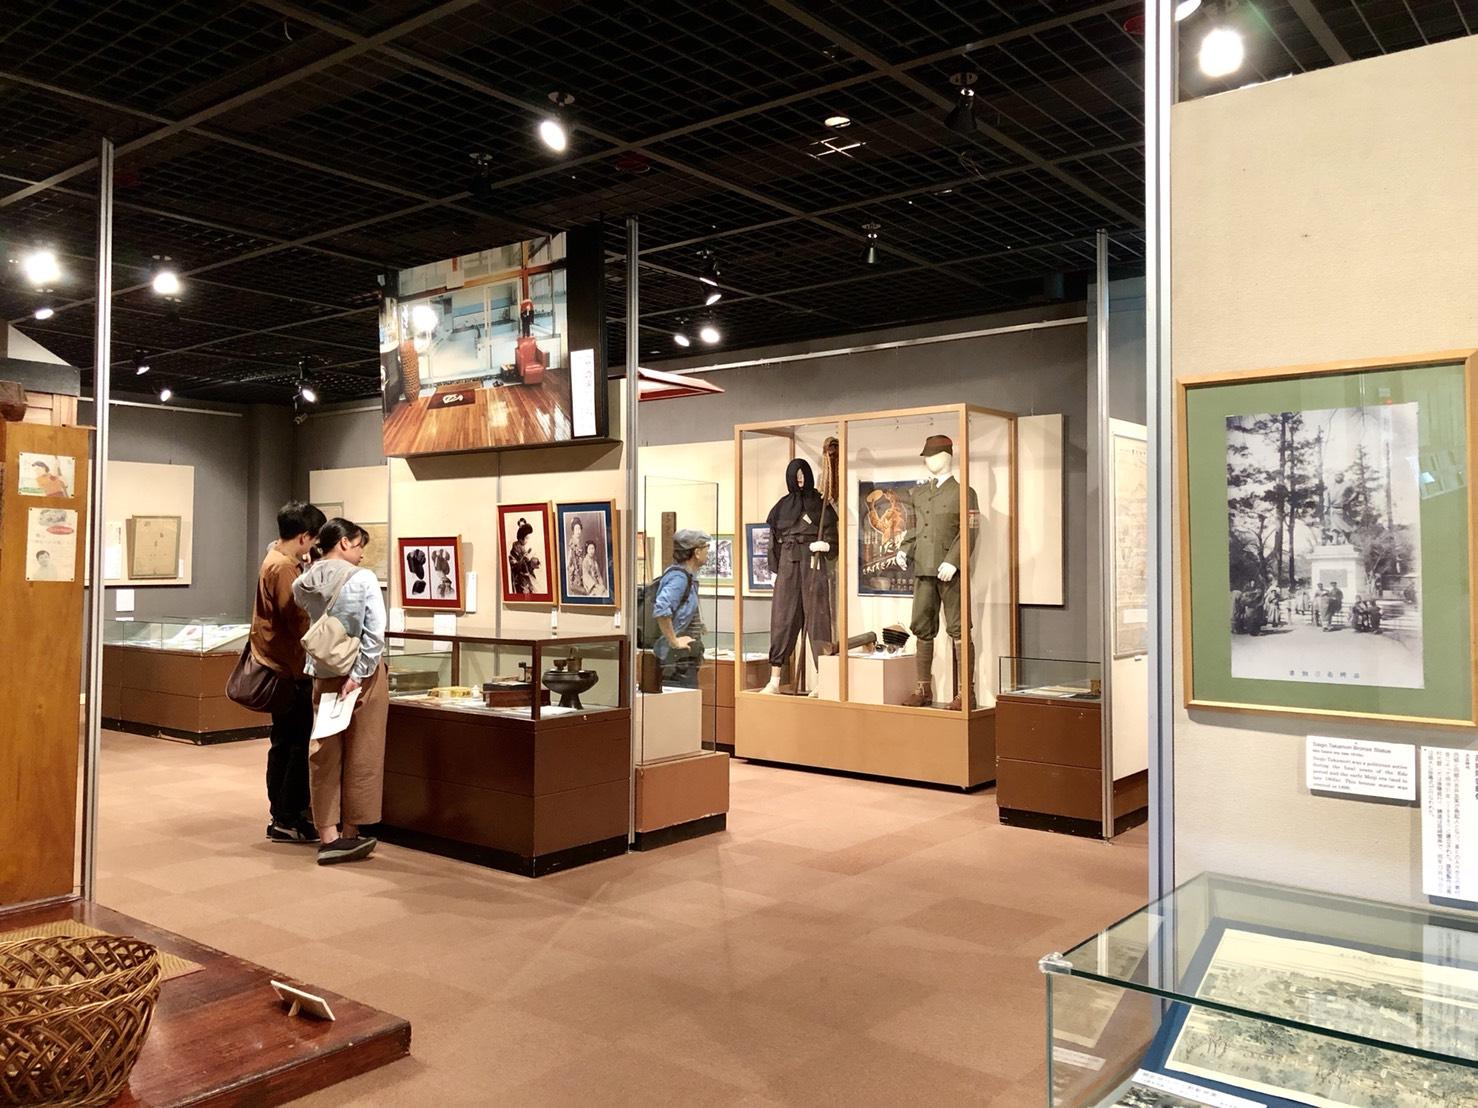 下町風俗資料館・2F展示スペース